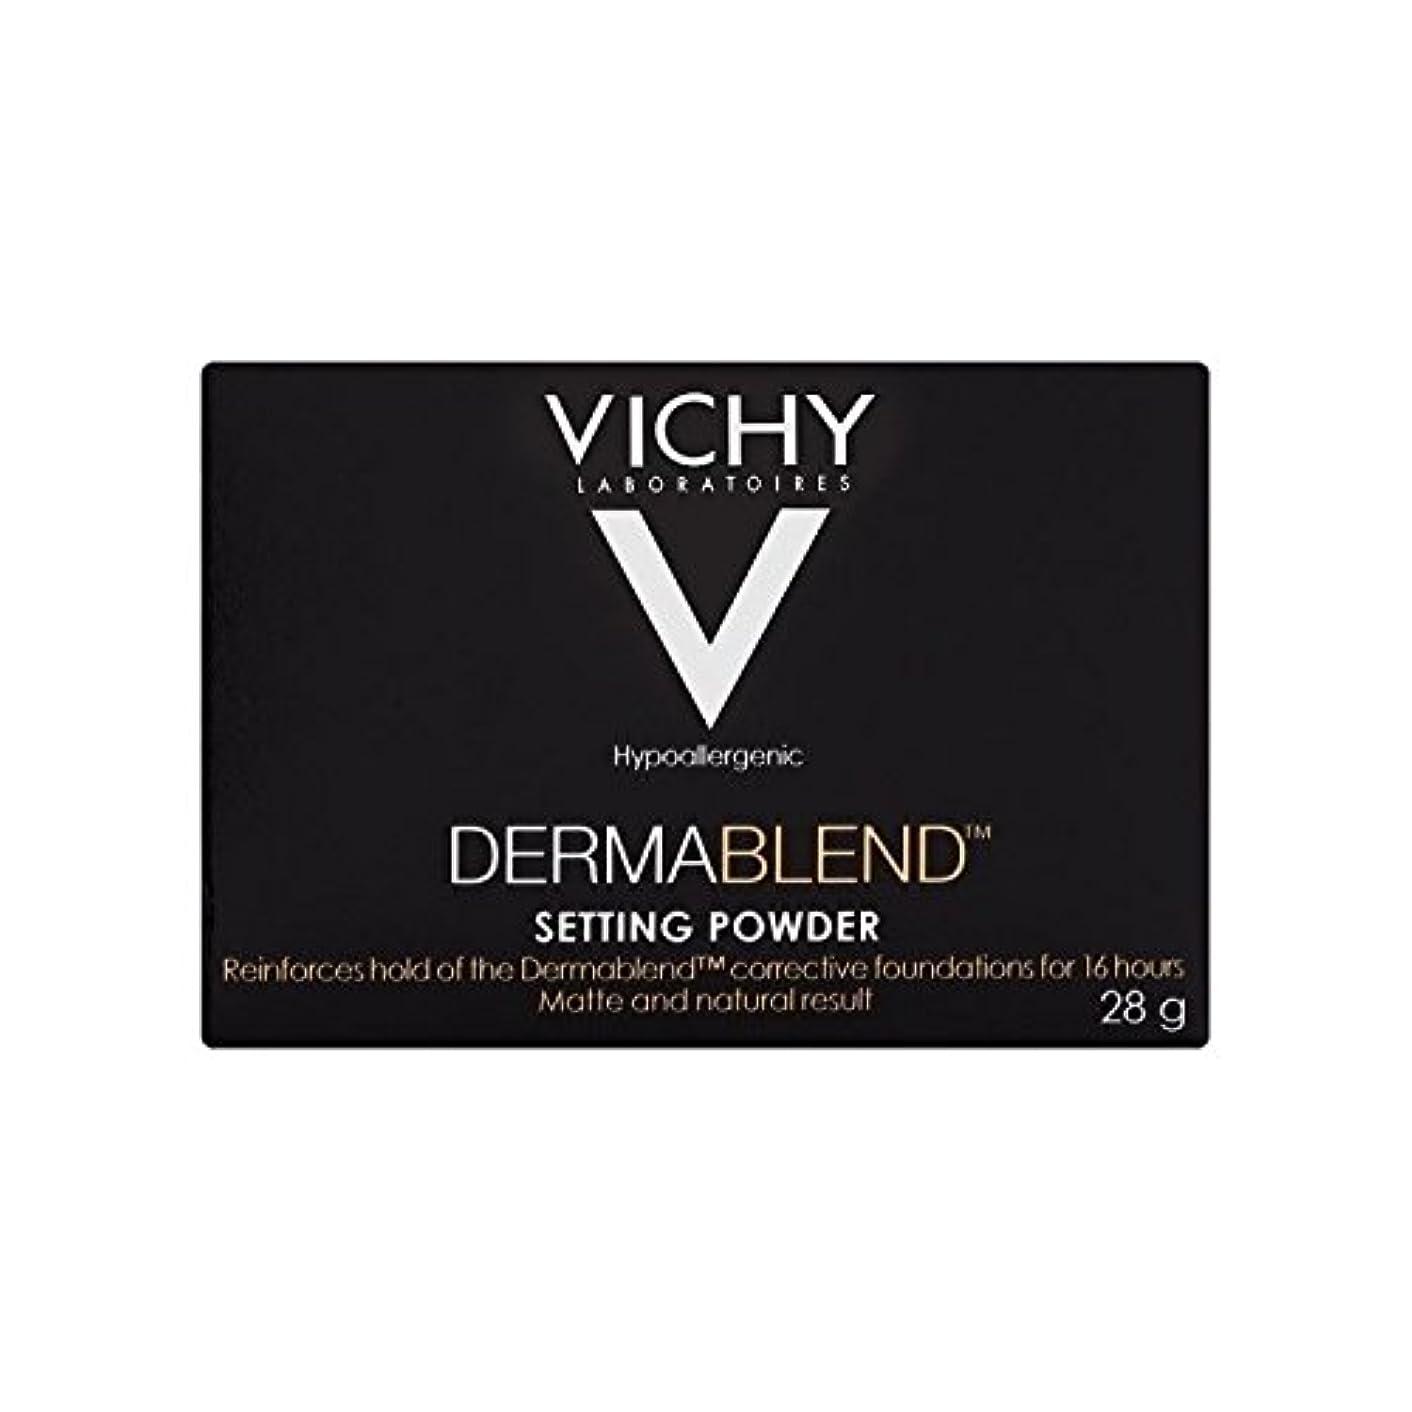 マスクアンケート恐れるVichy Dermablend Setting Powder 28g - ヴィシー設定粉末28グラム [並行輸入品]